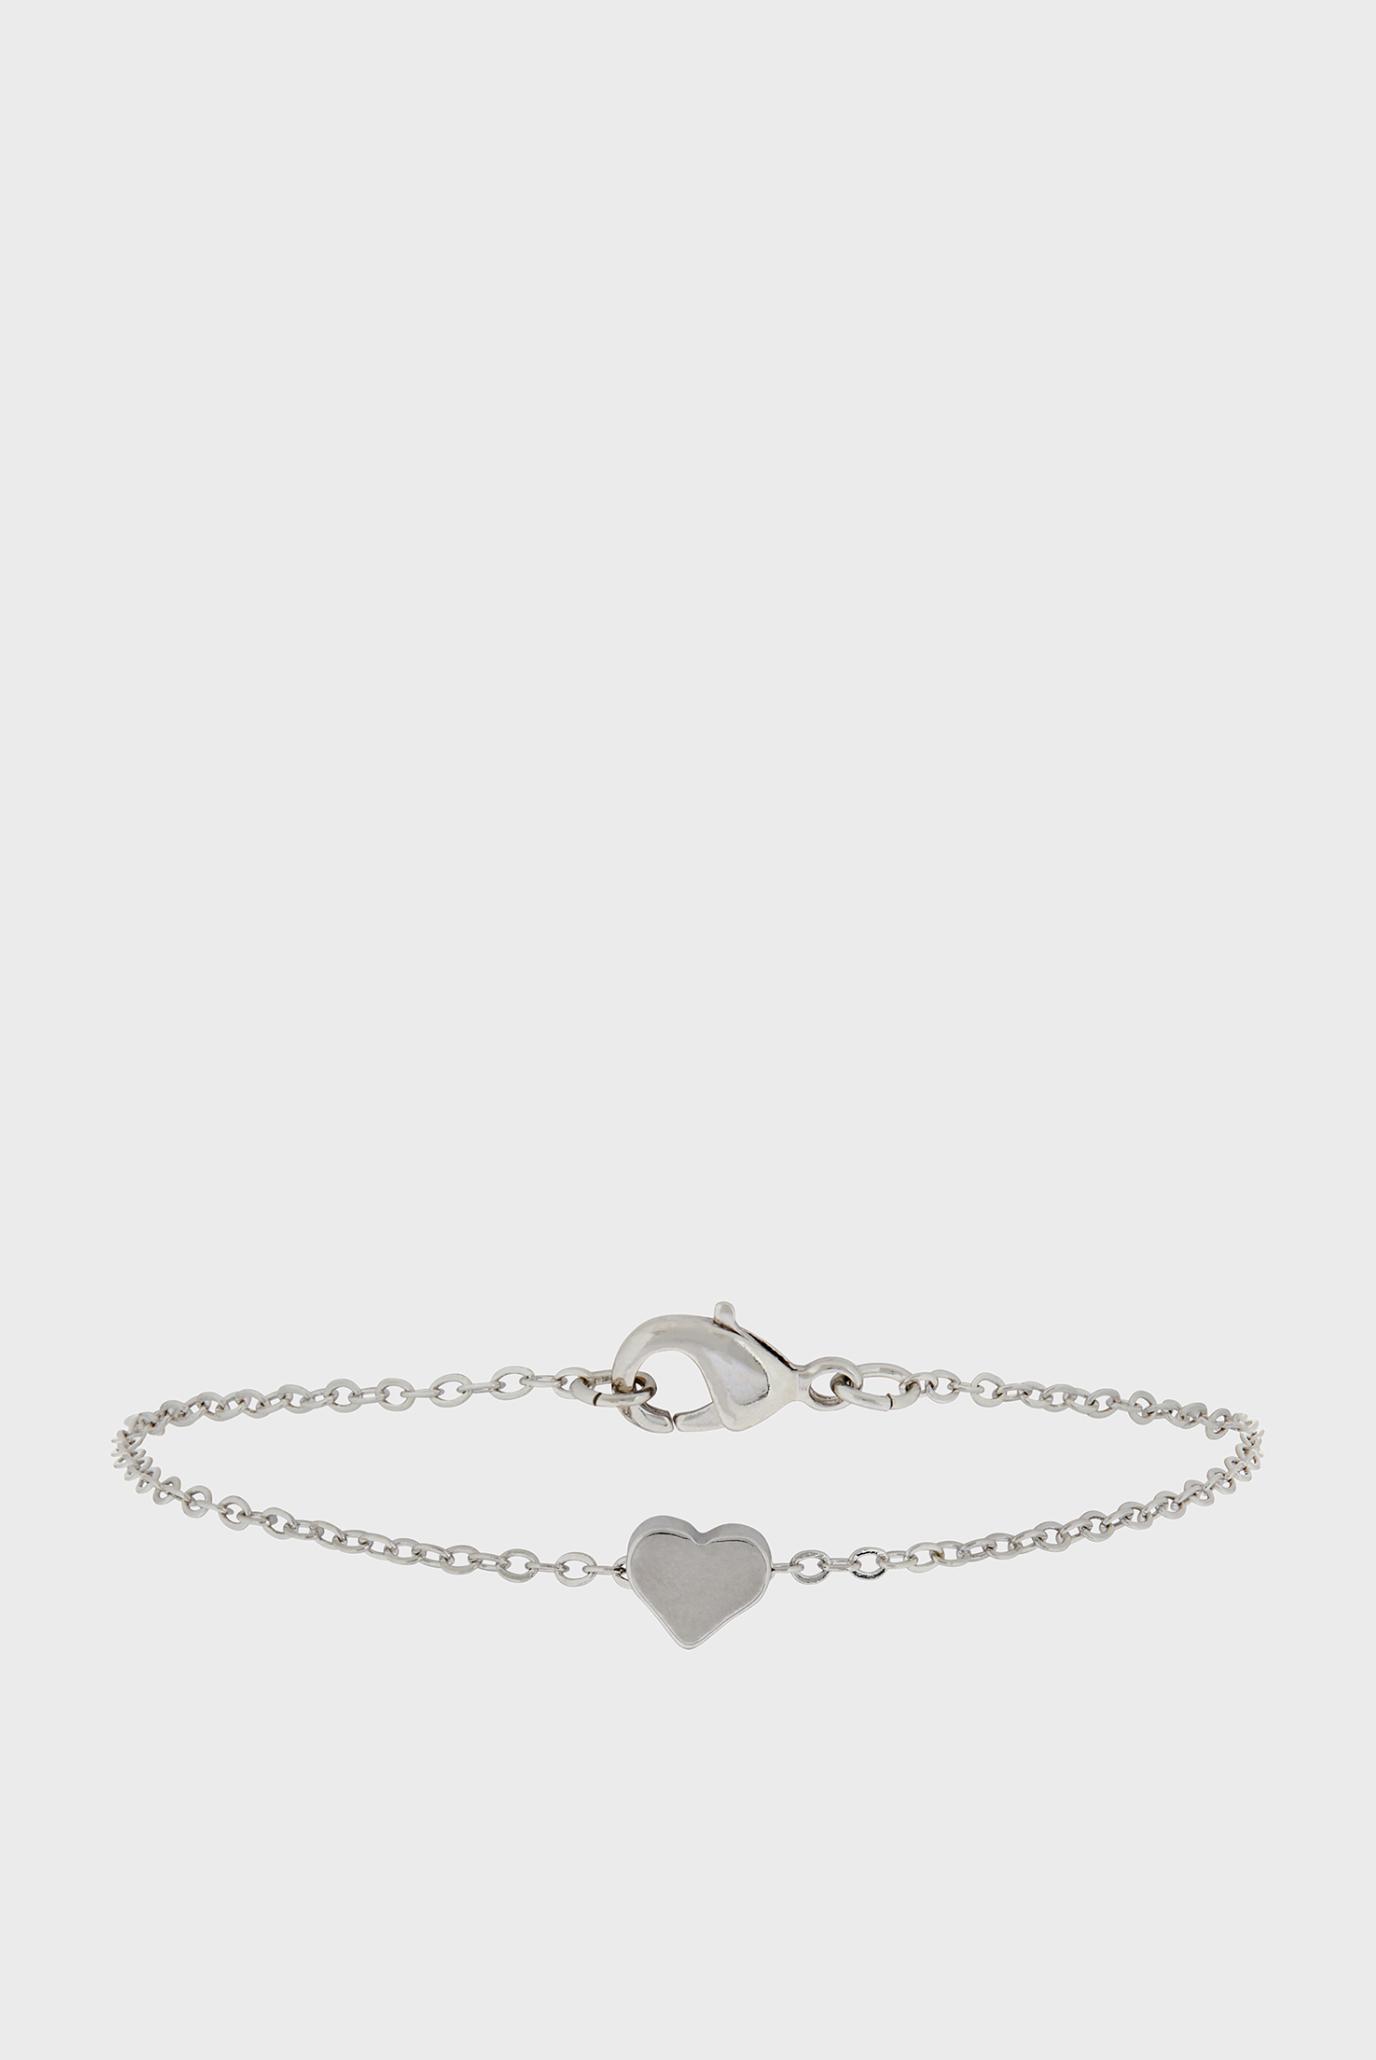 Жіночий сріблястий браслет SOLID HEART CLASP 1